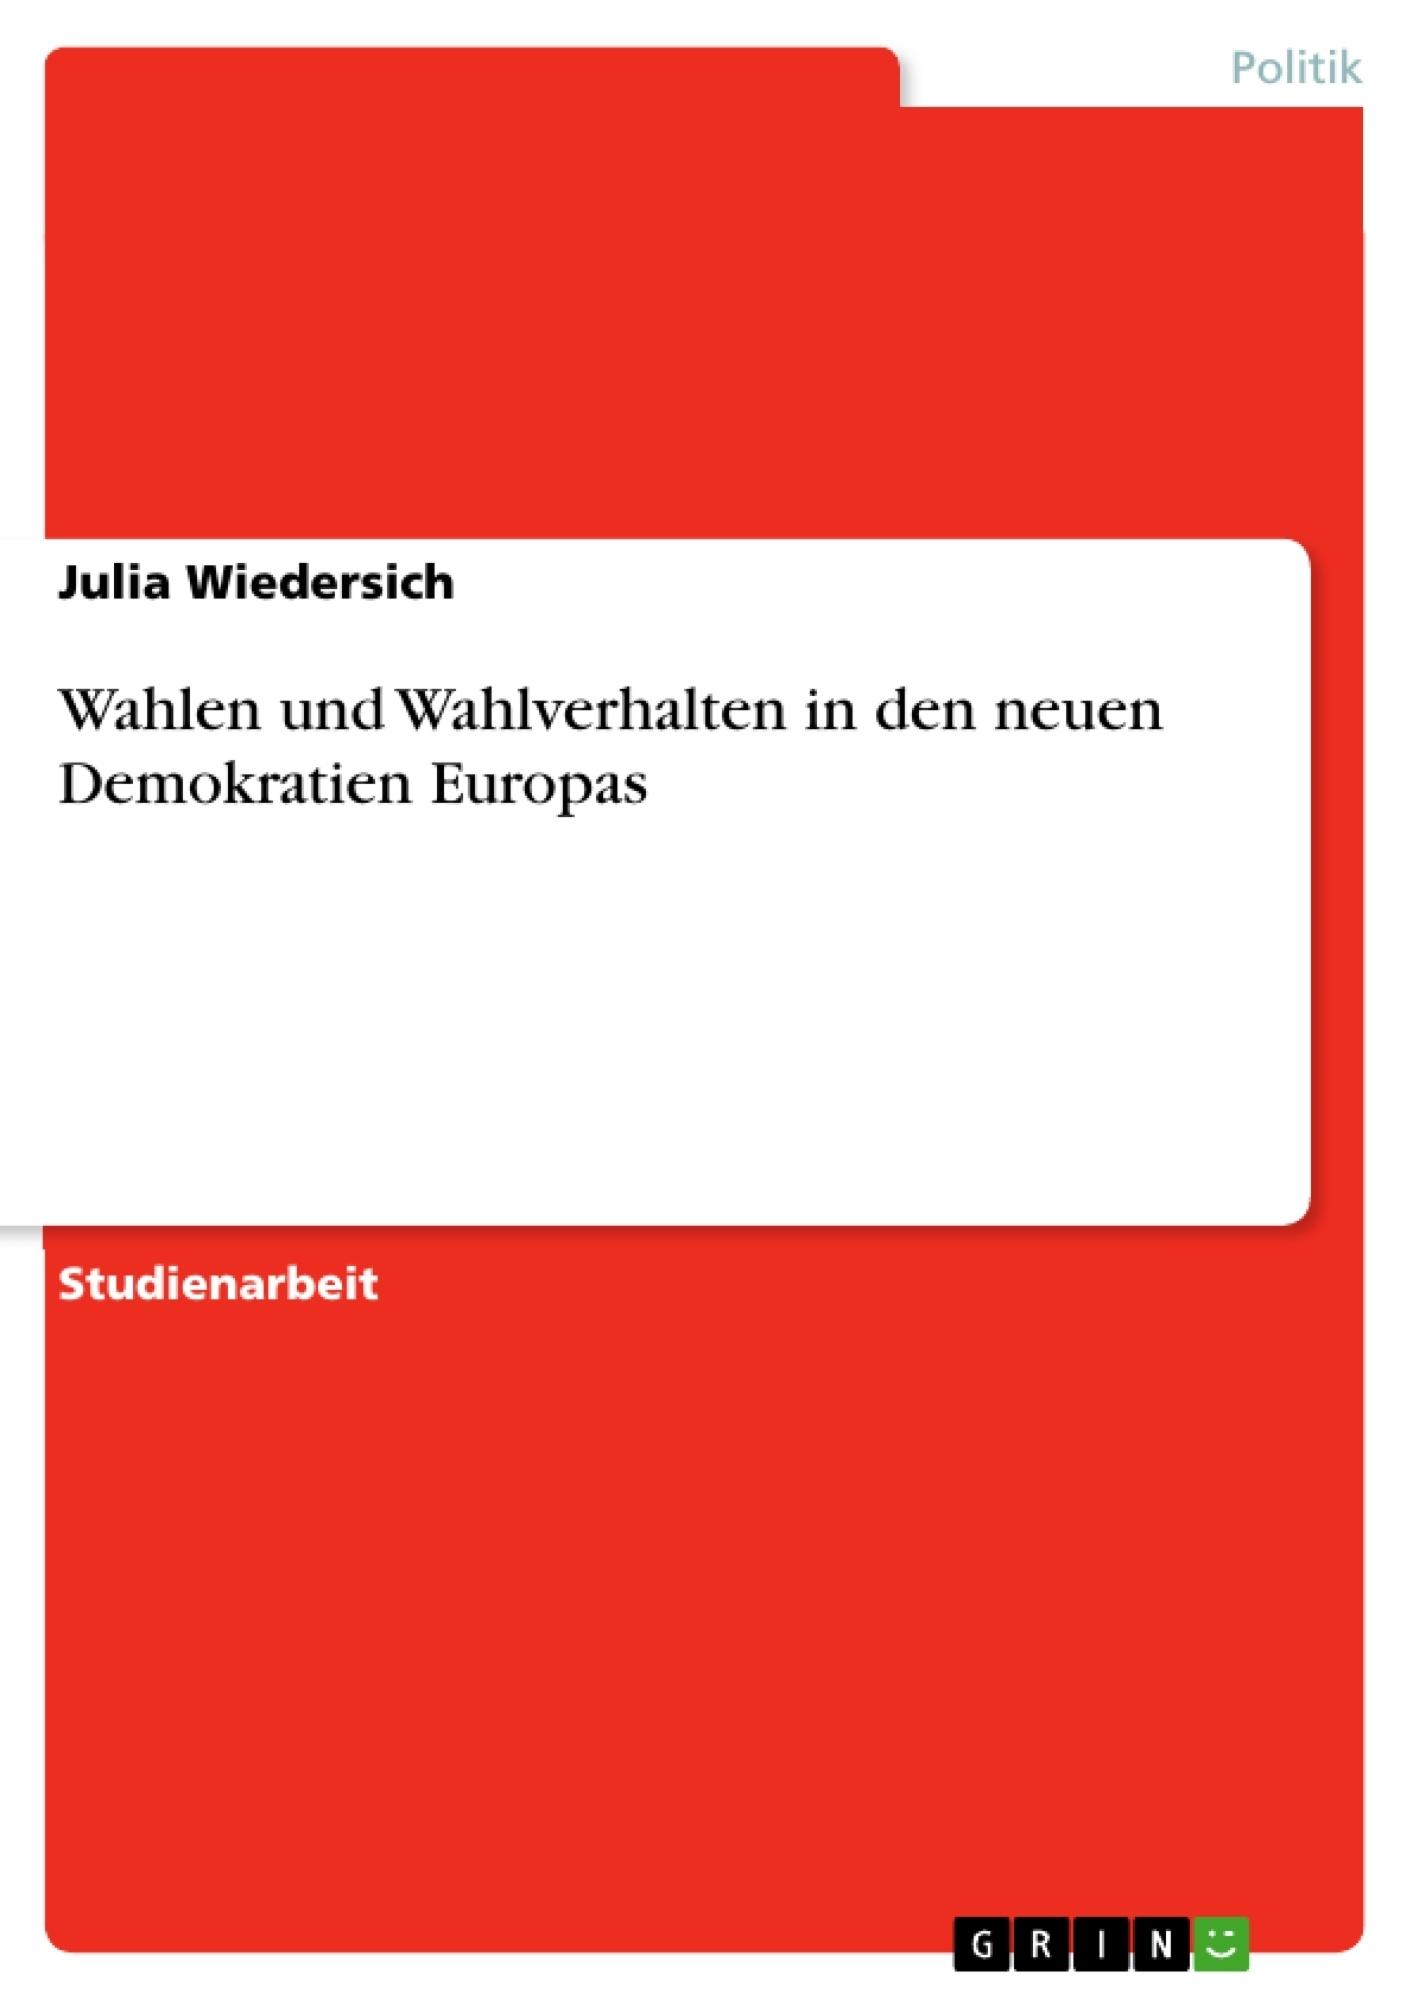 Titel: Wahlen und Wahlverhalten in den neuen Demokratien Europas